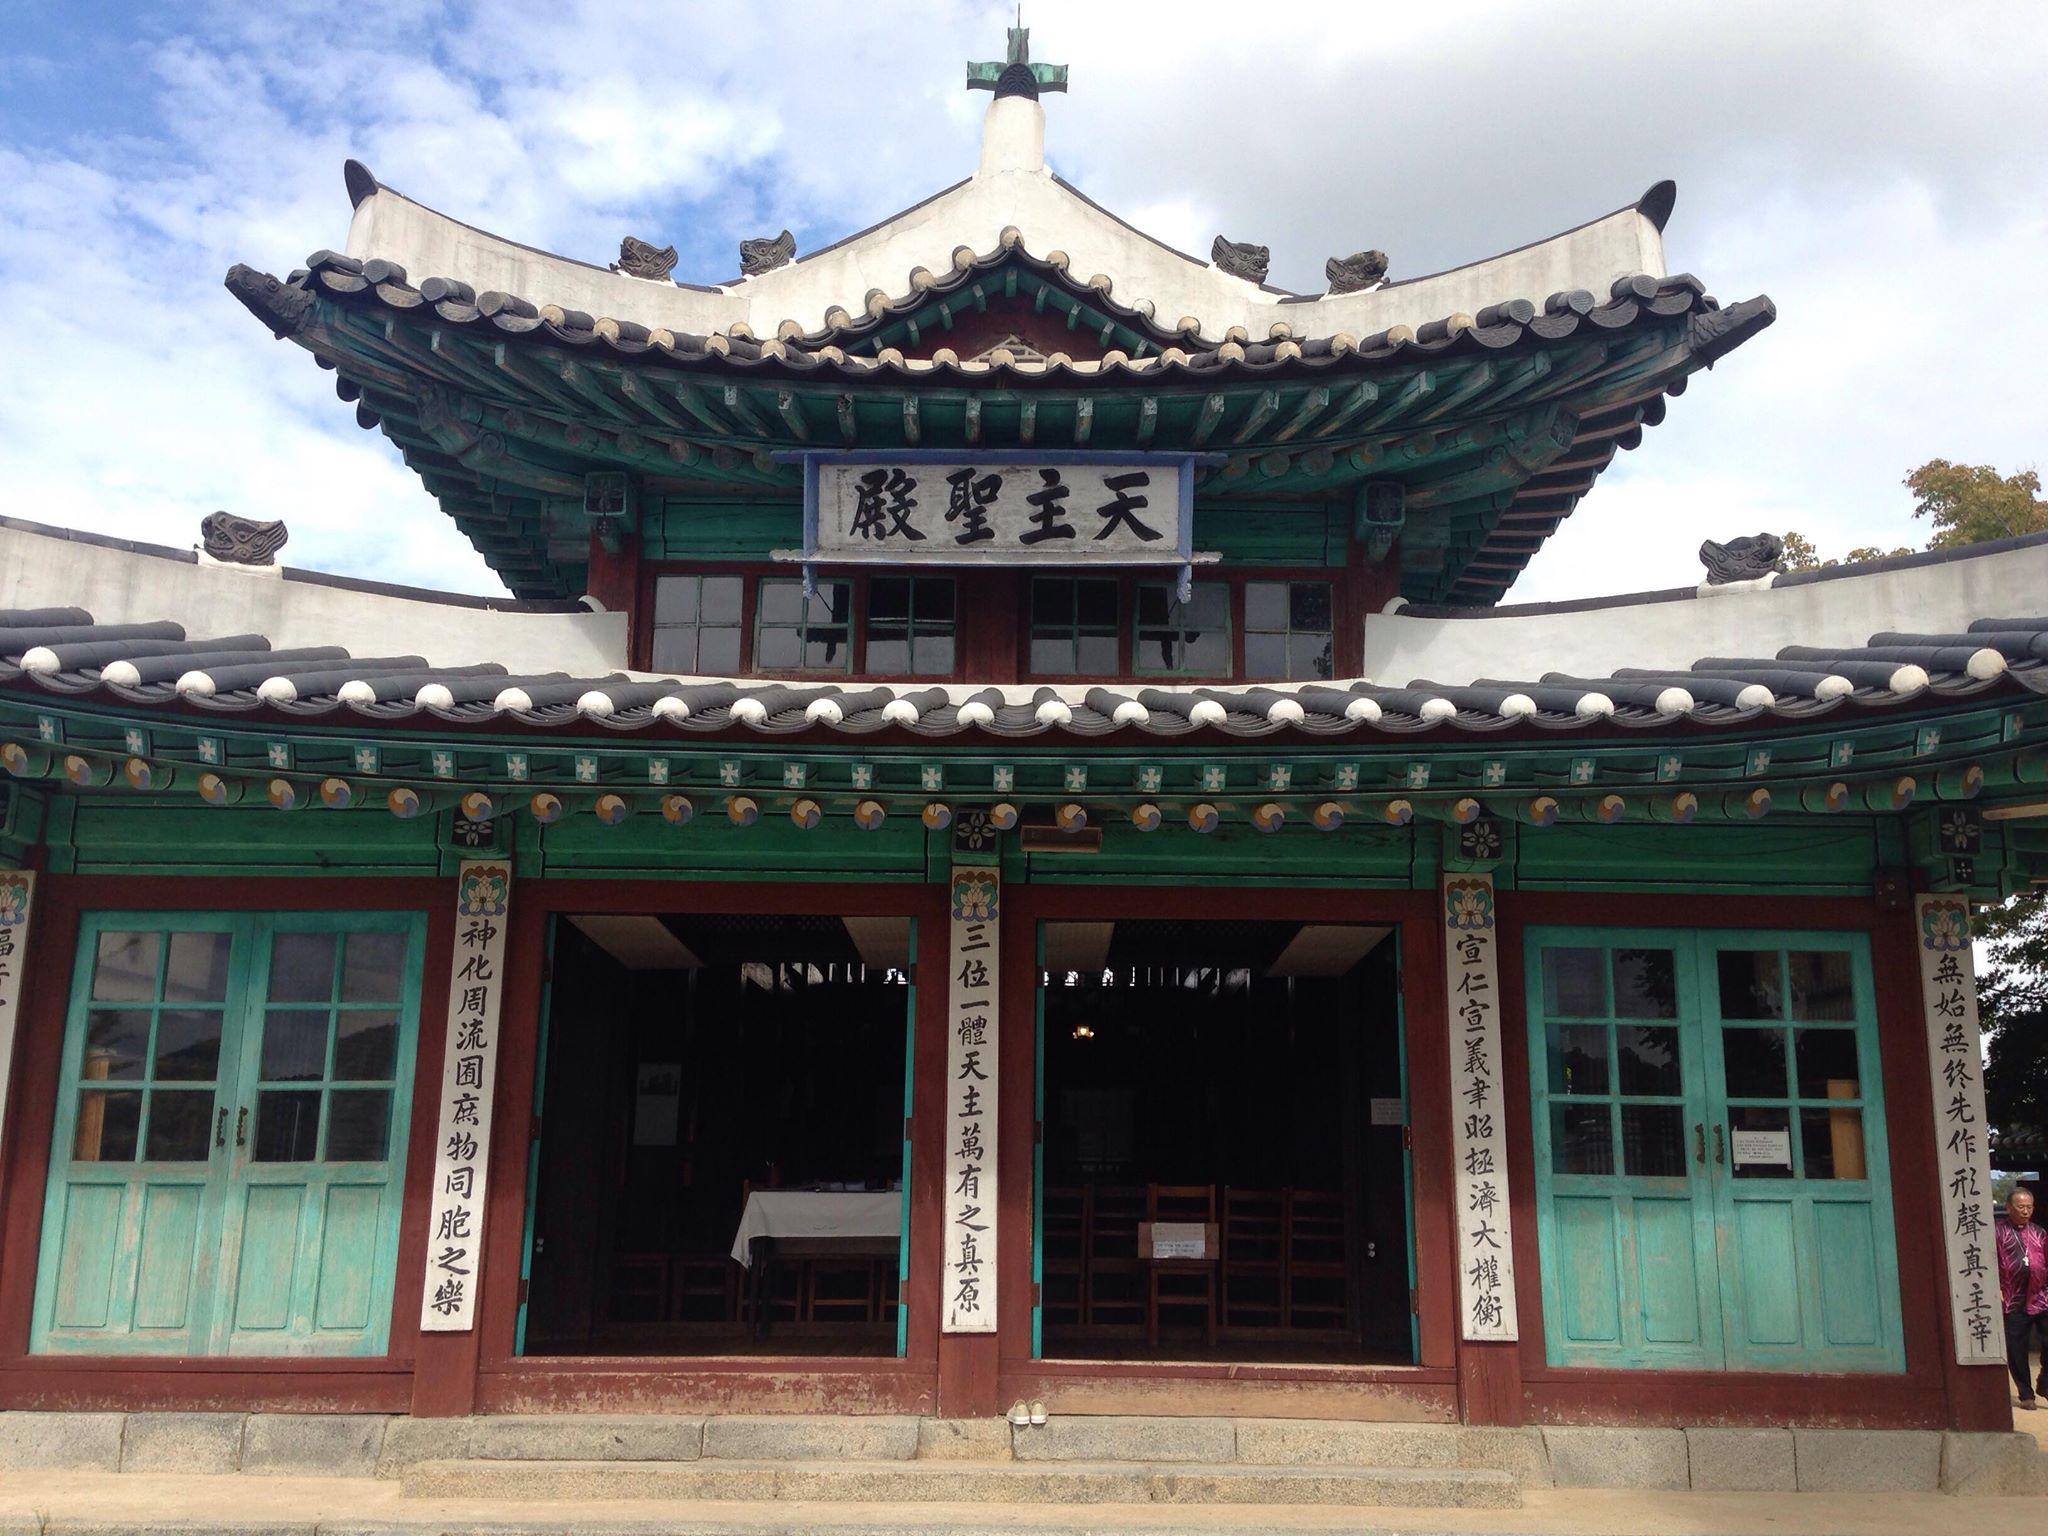 Ganghwa Anglican Church, Korea / Jacob Paolo Legarda, 2018